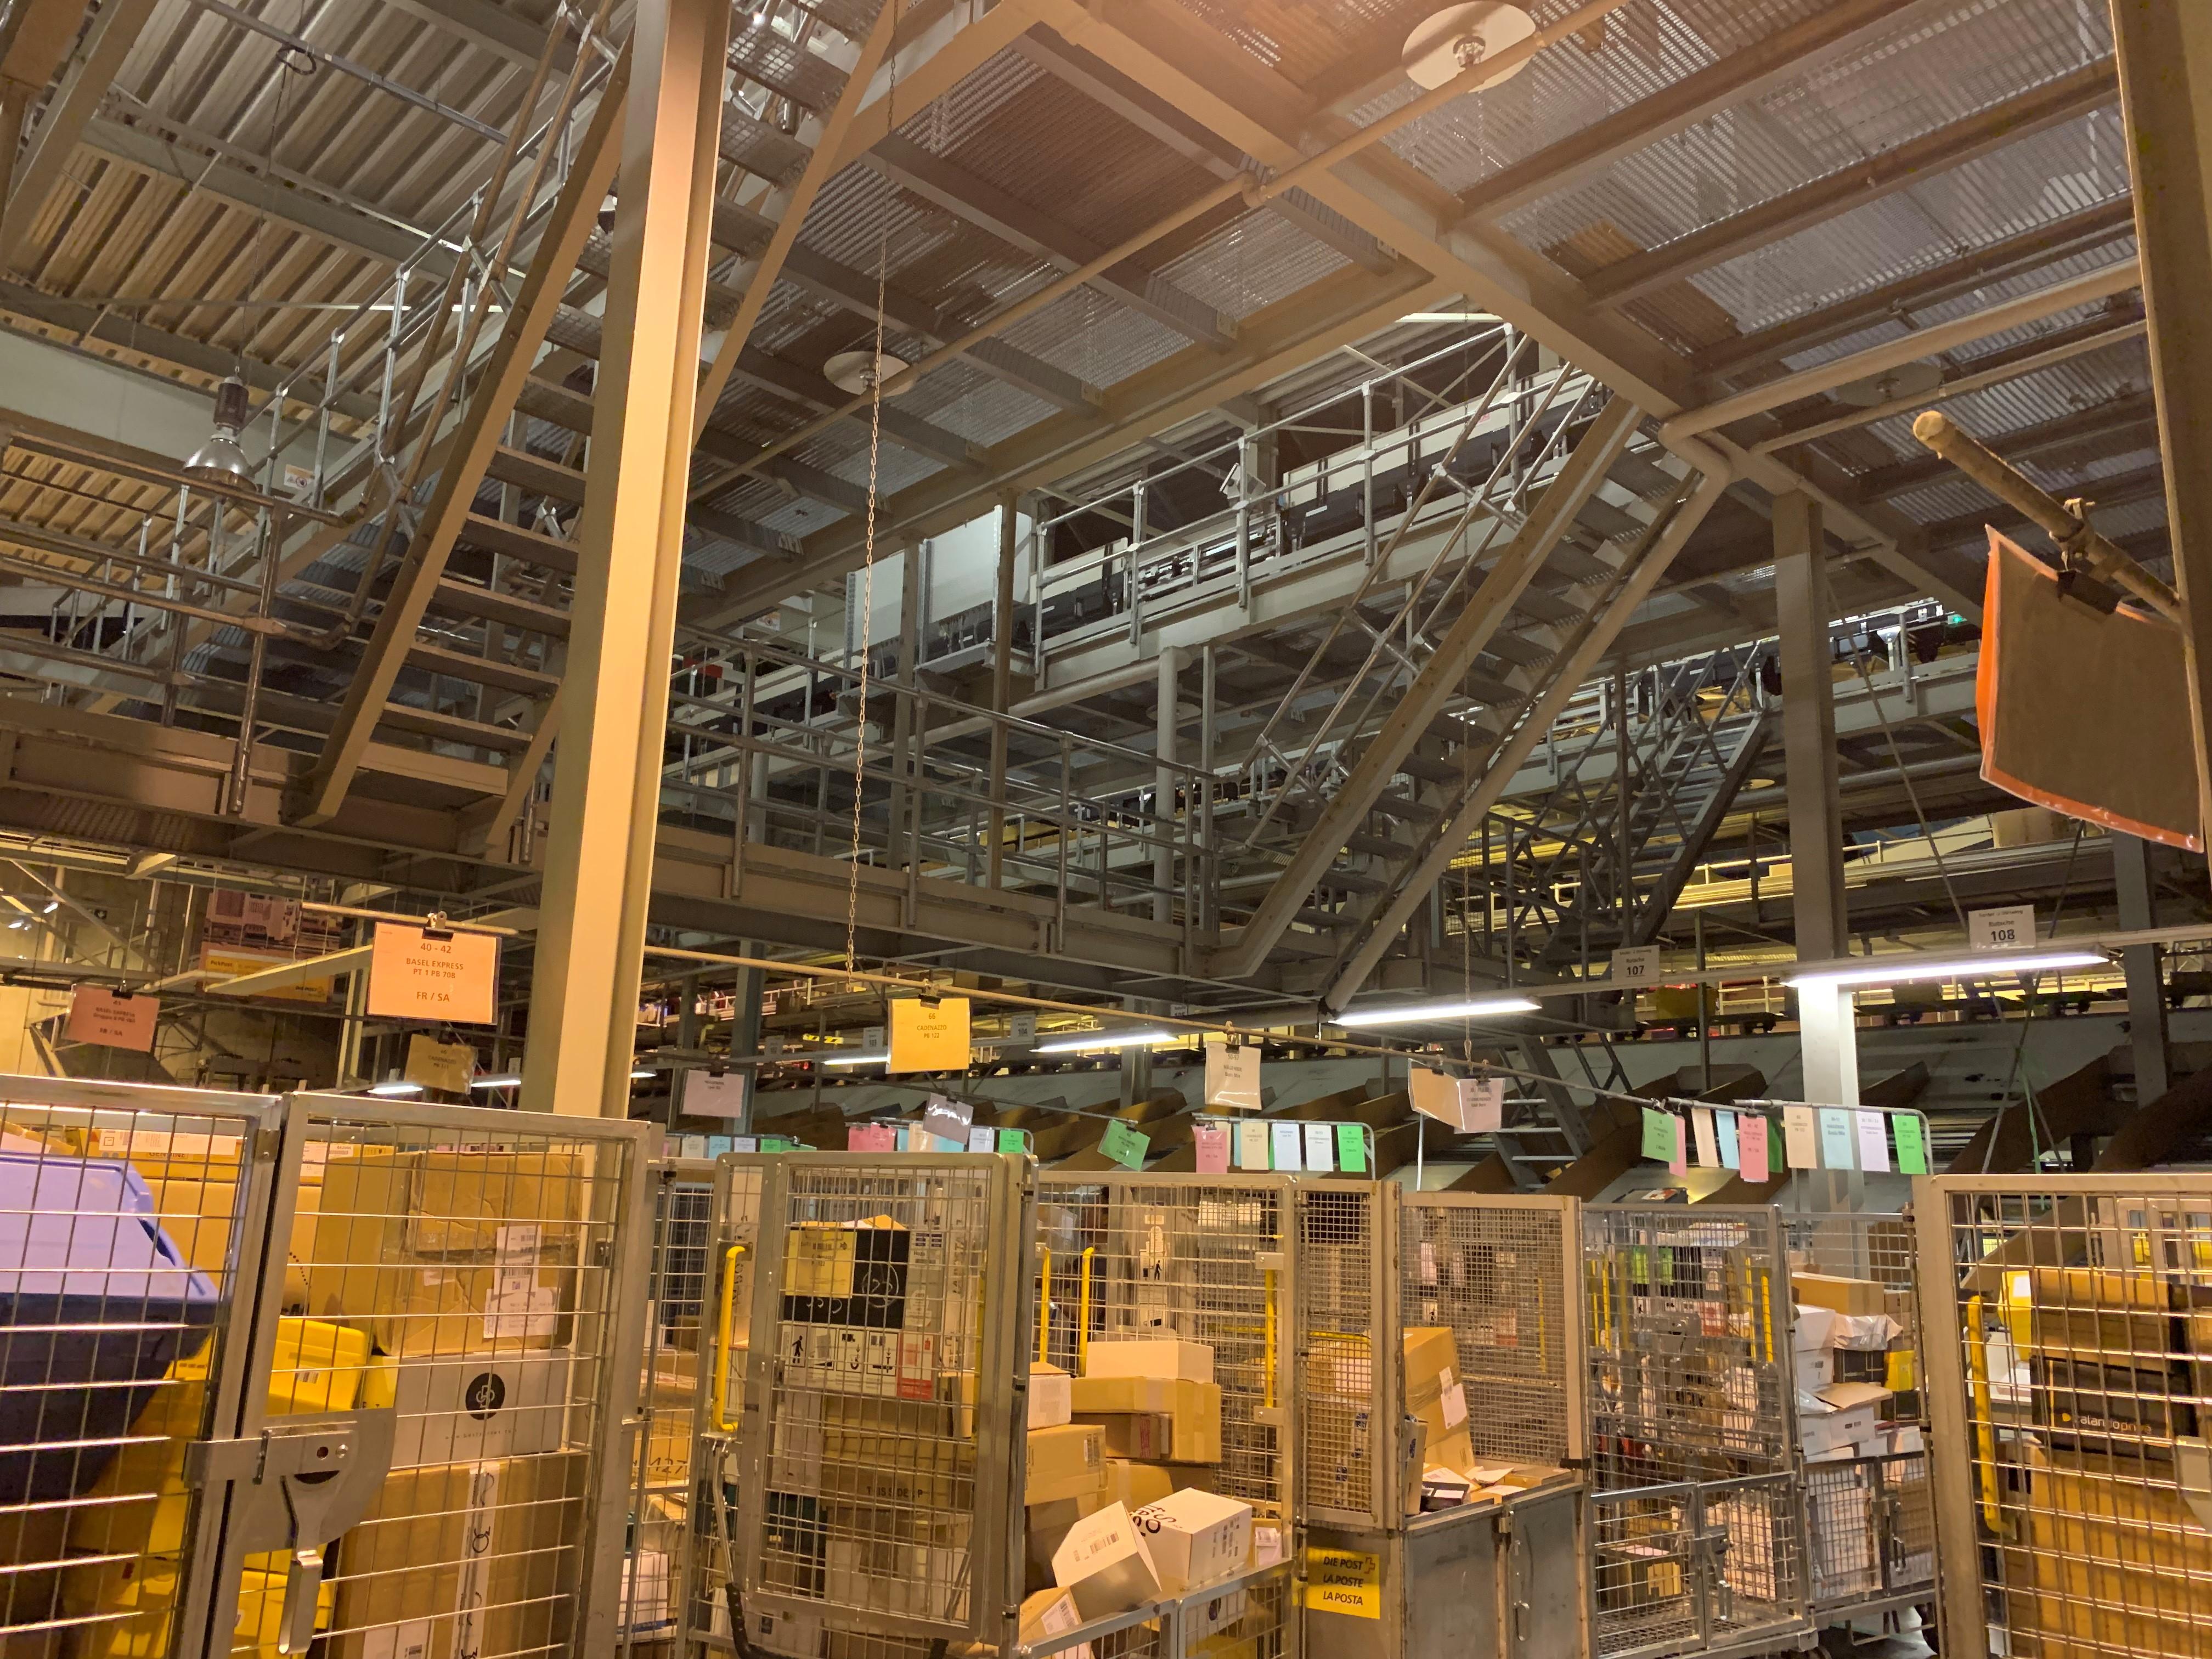 Gut 12 Meter über dem Boden beginnt im Paketzenter Härkingen die Welt der Betriebstechniker mit ihren Stegen und Rampen auf dem Stahlkoloss für die minutenschnelle Wartung der Sortieranlage.